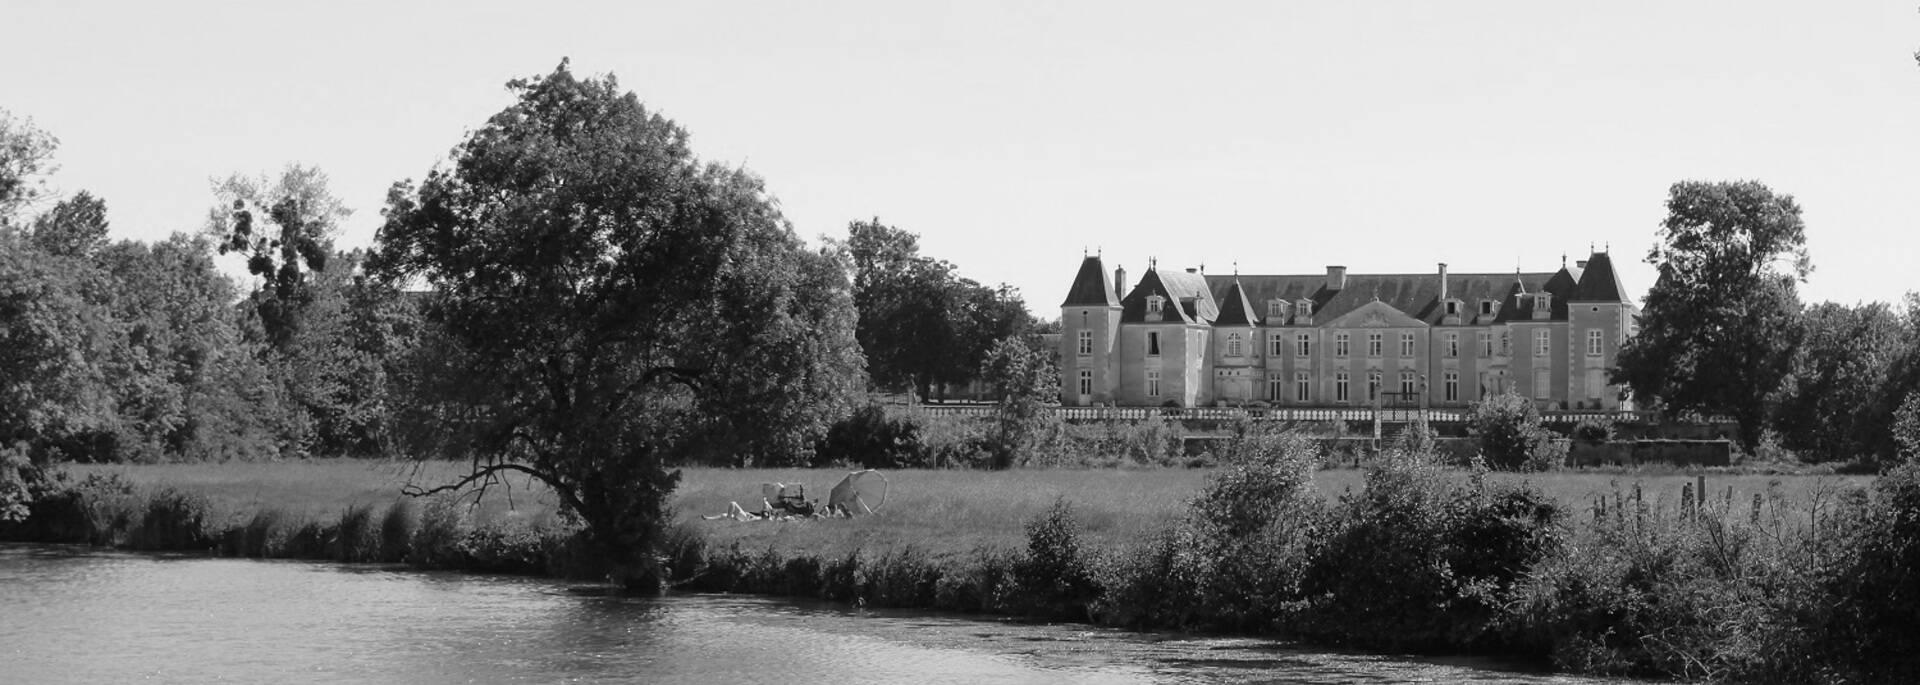 Château de Panloy vu de la Charente - © P.Migaud / FDHPA17